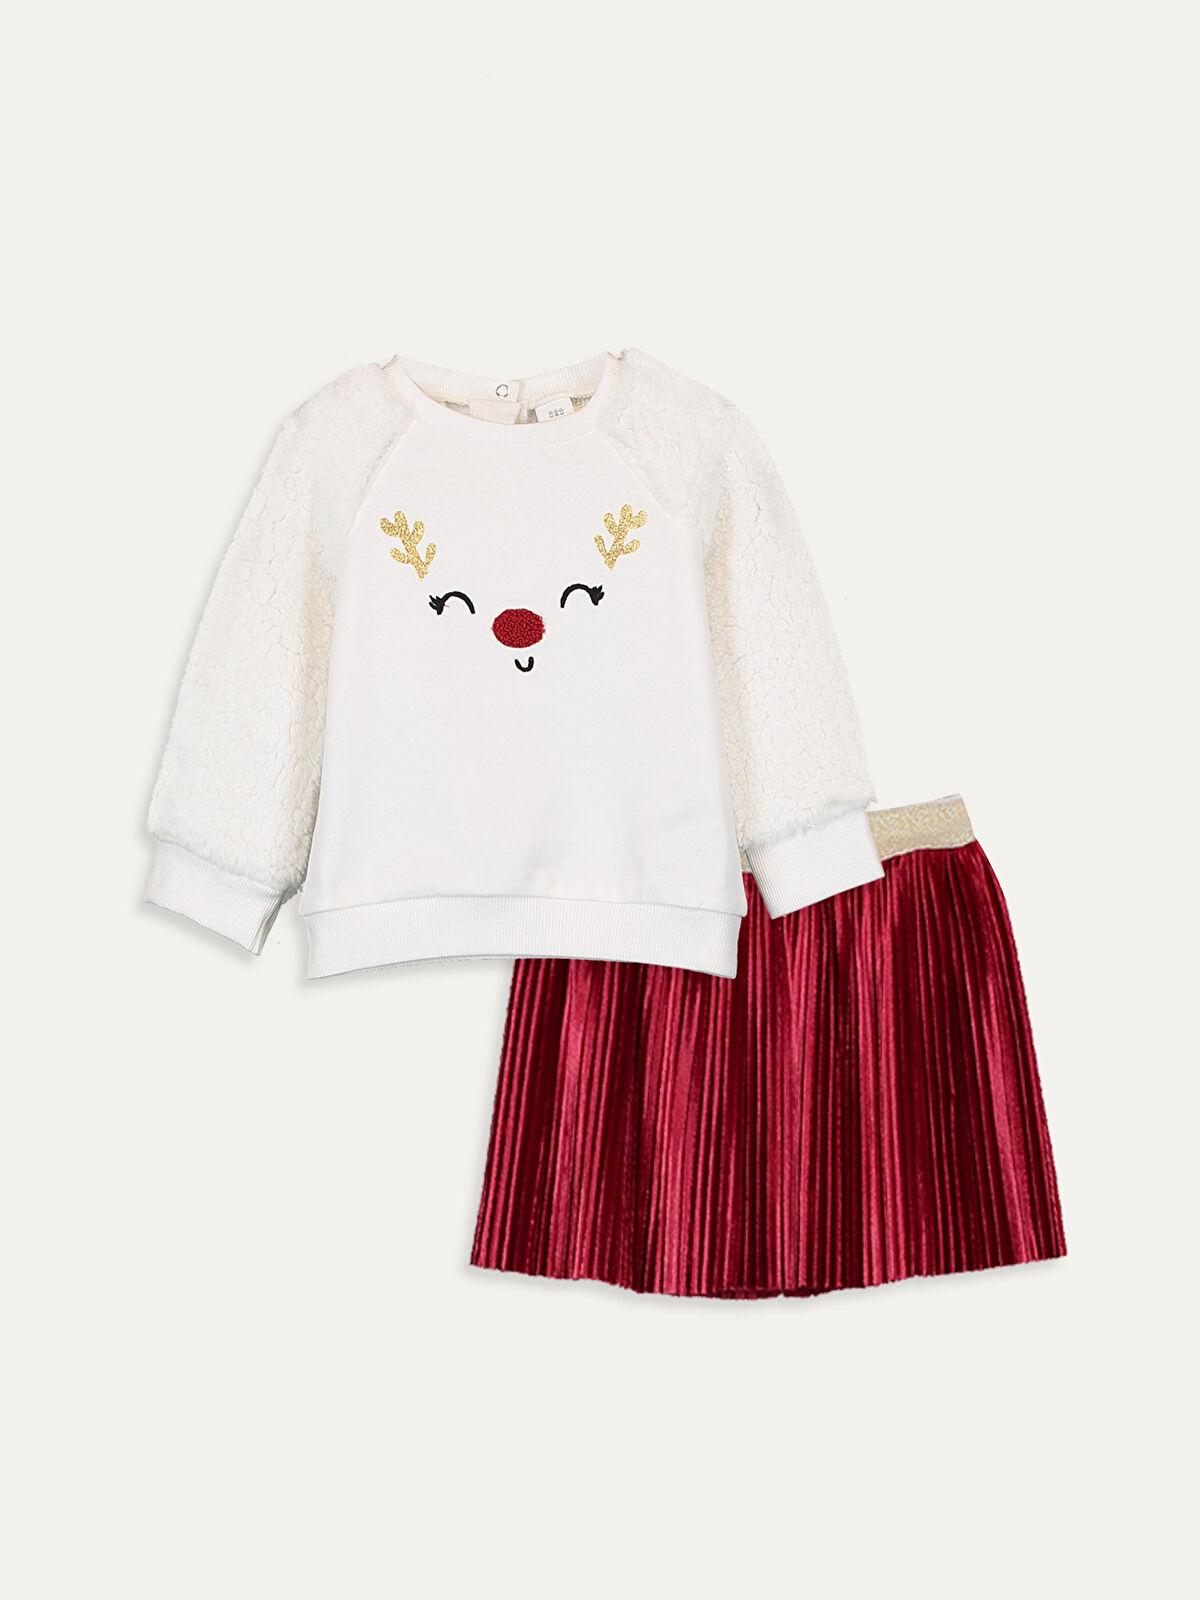 Kız Bebek Sweatshirt ve Etek Takım - LC WAIKIKI